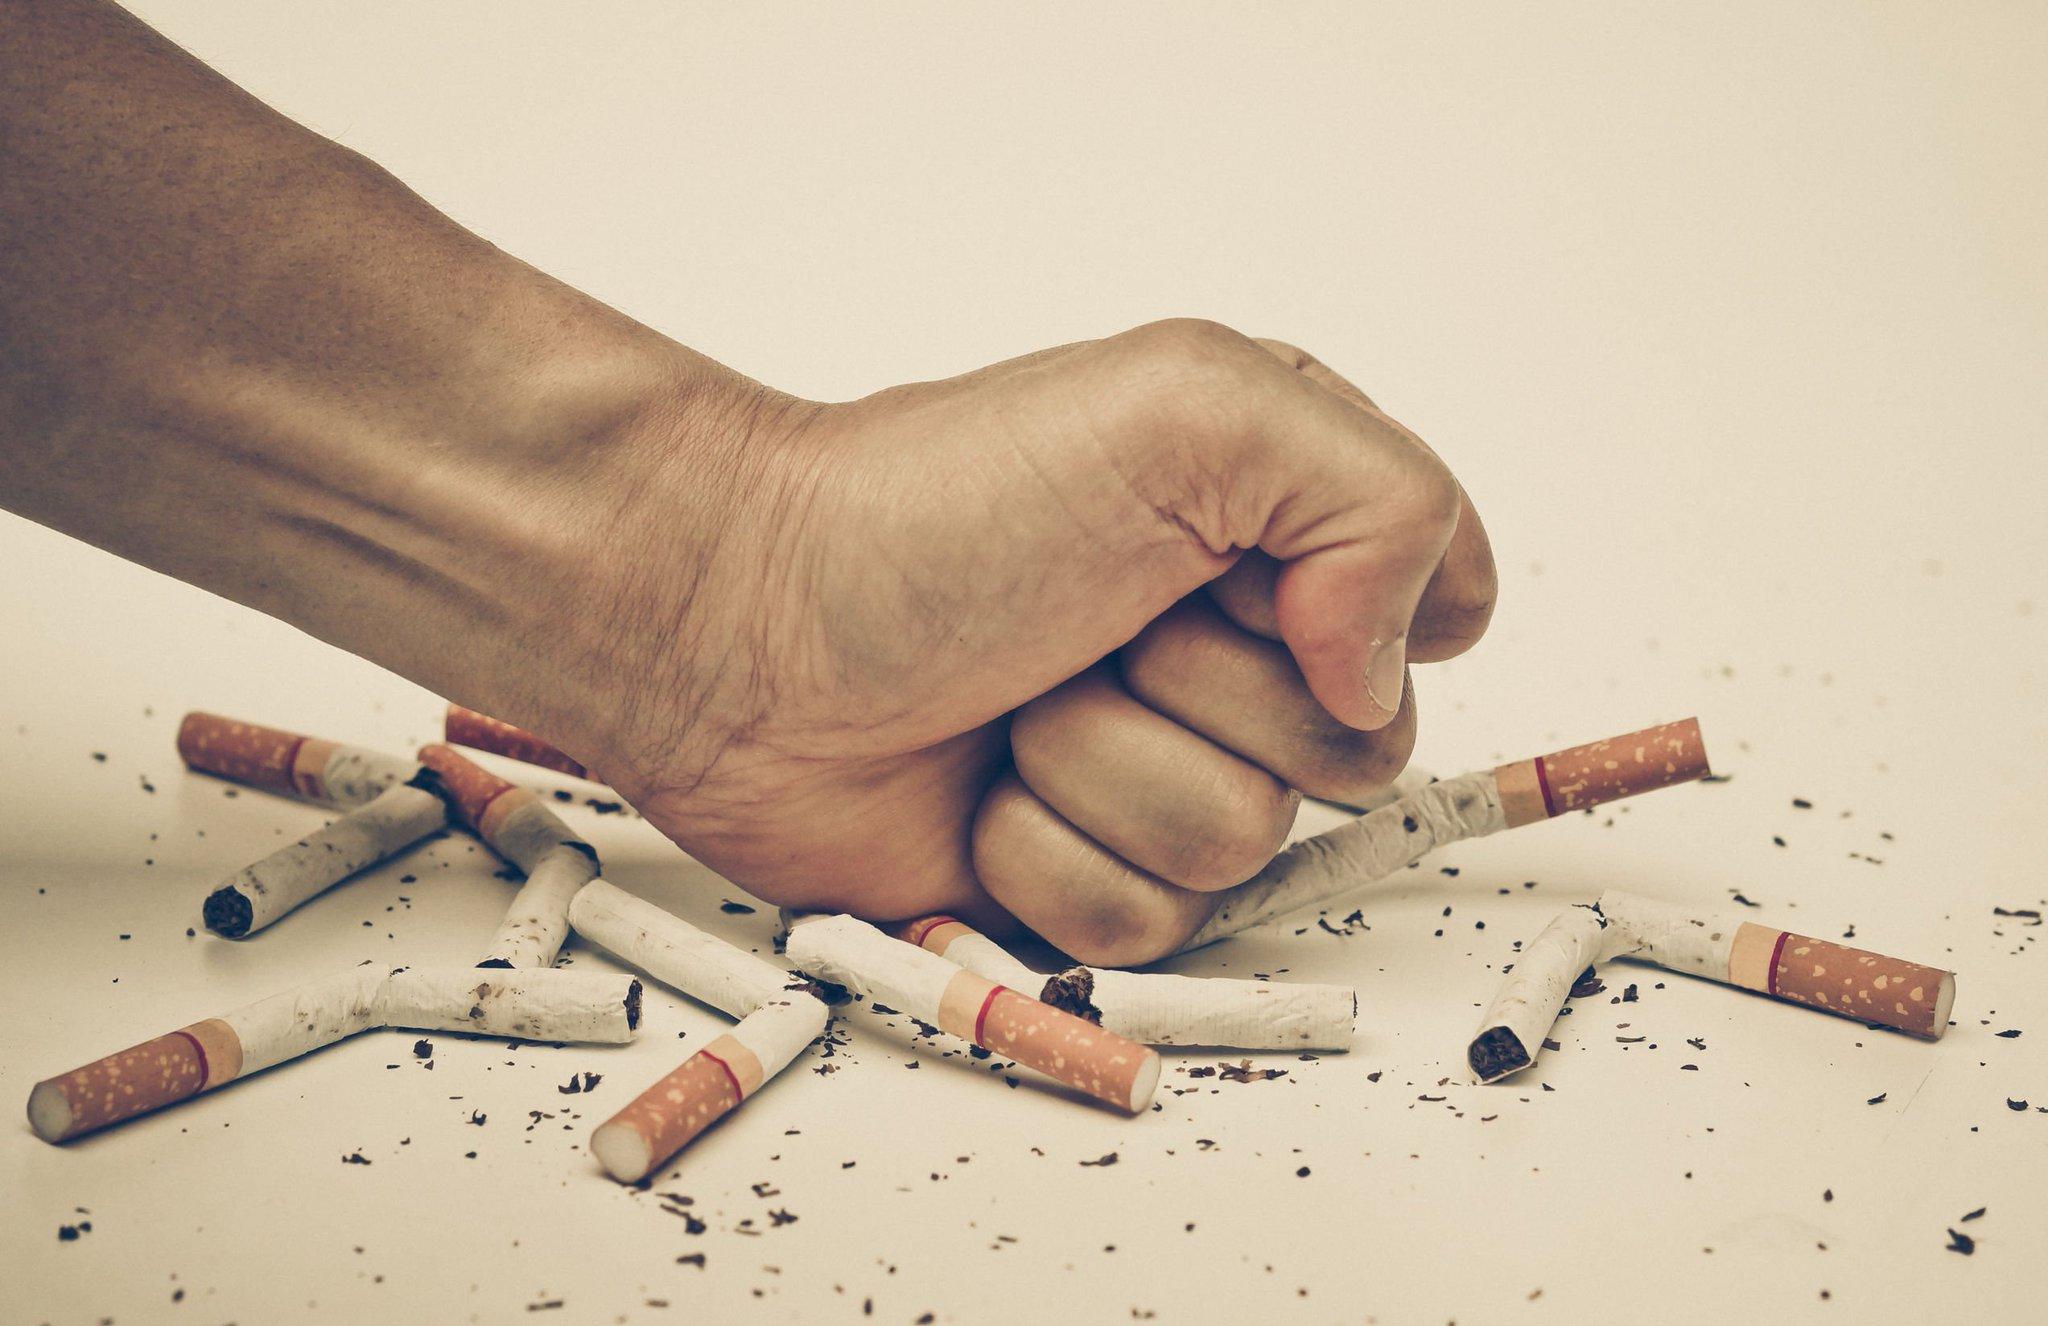 сигарета это с картинками поделились